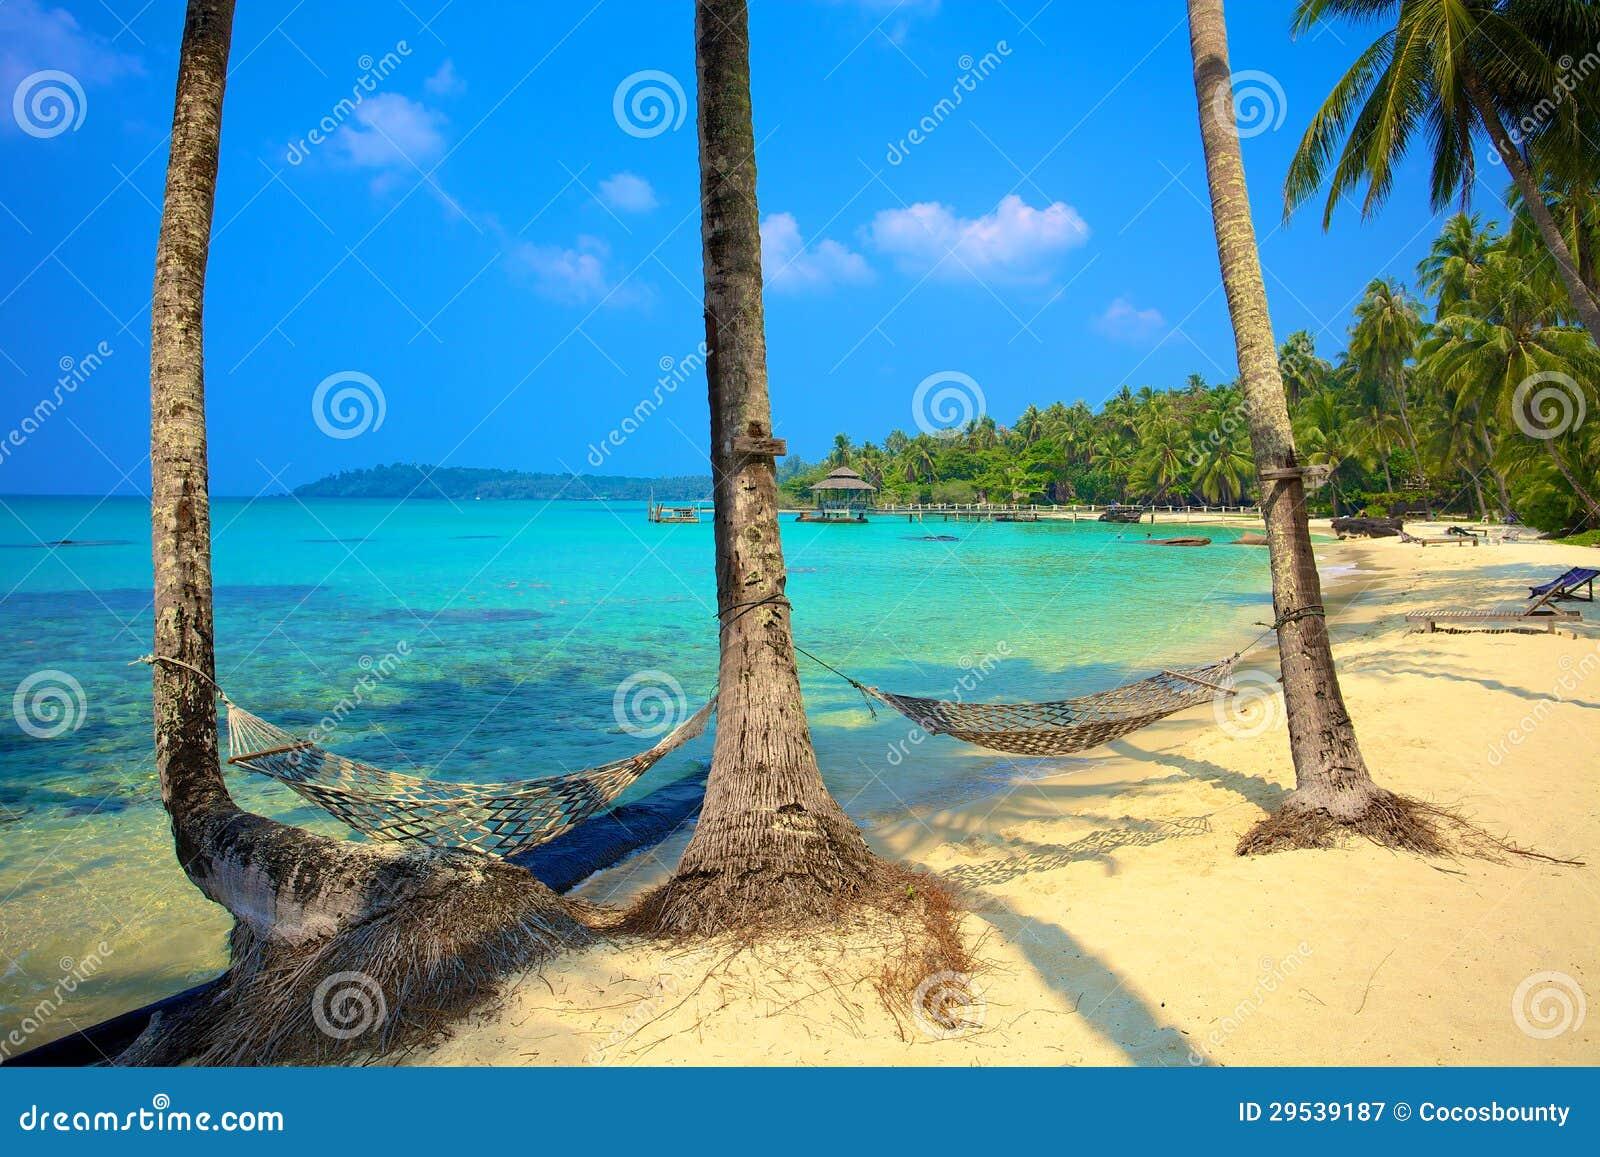 Dois hammocks em uma praia tropical